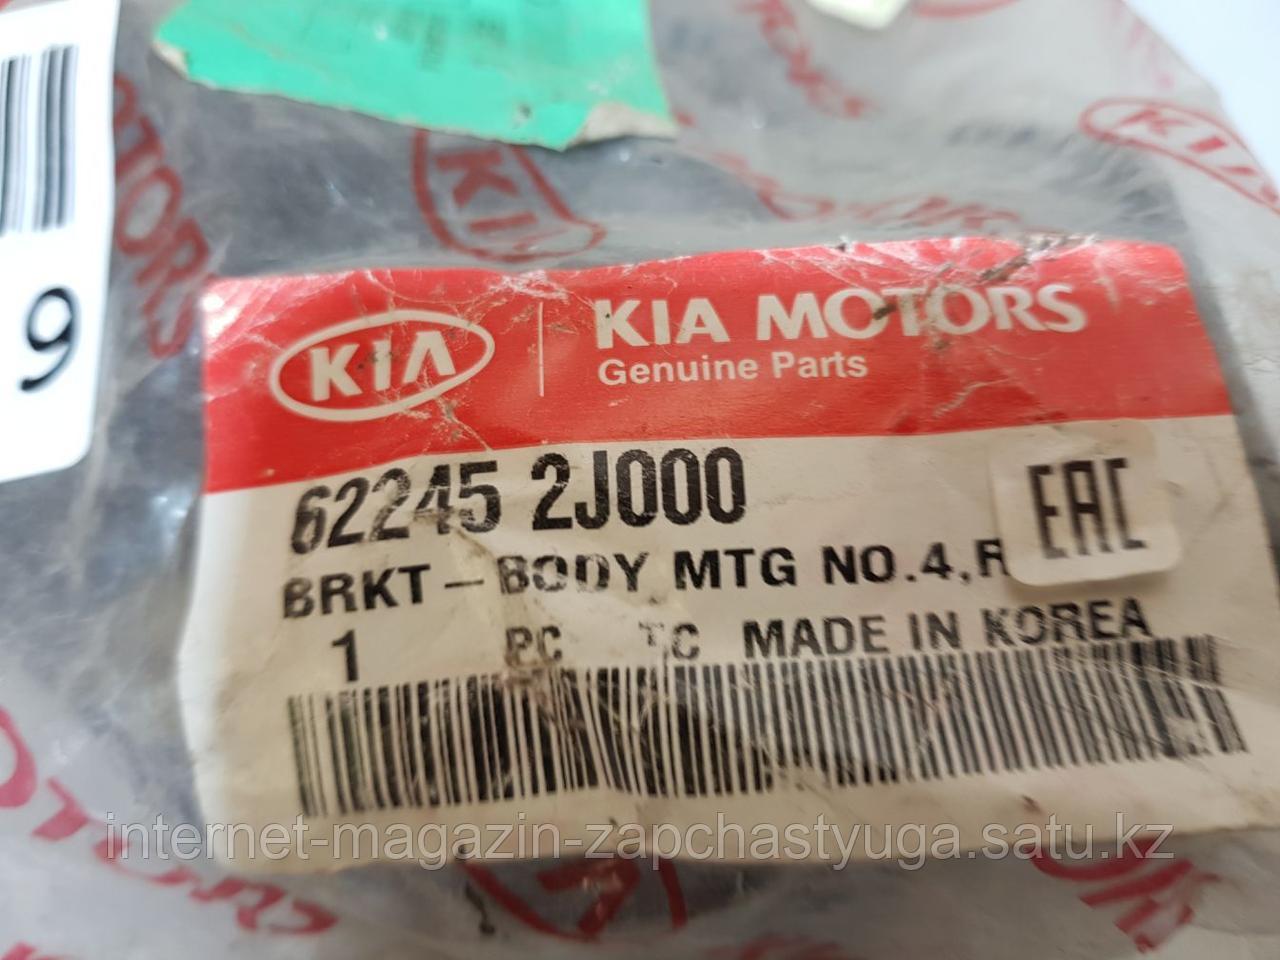 622452J000 Кронштейн рамы кузова для KIA Mohave 2008- Б/У - фото 2